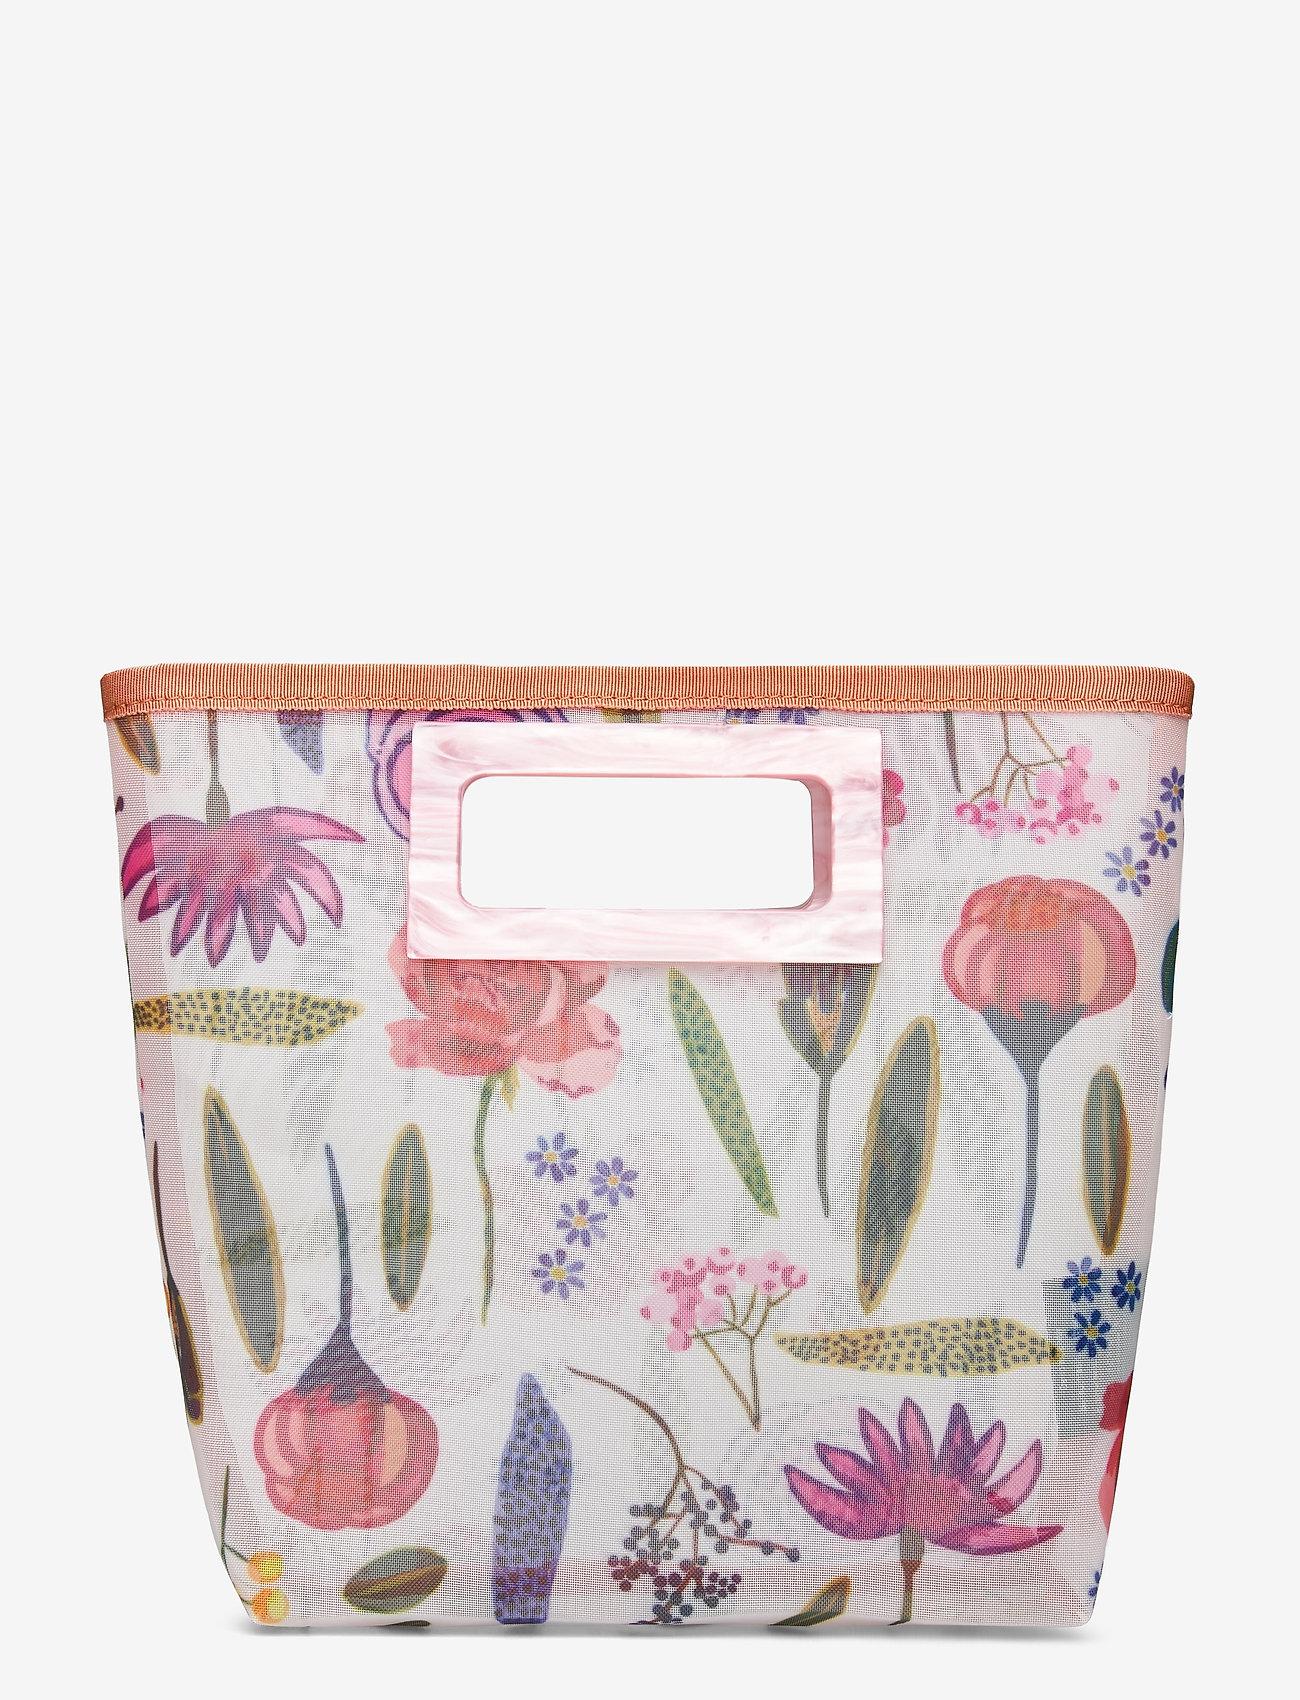 Baum und Pferdgarten - KATE - handbags - white hampton garden - 1